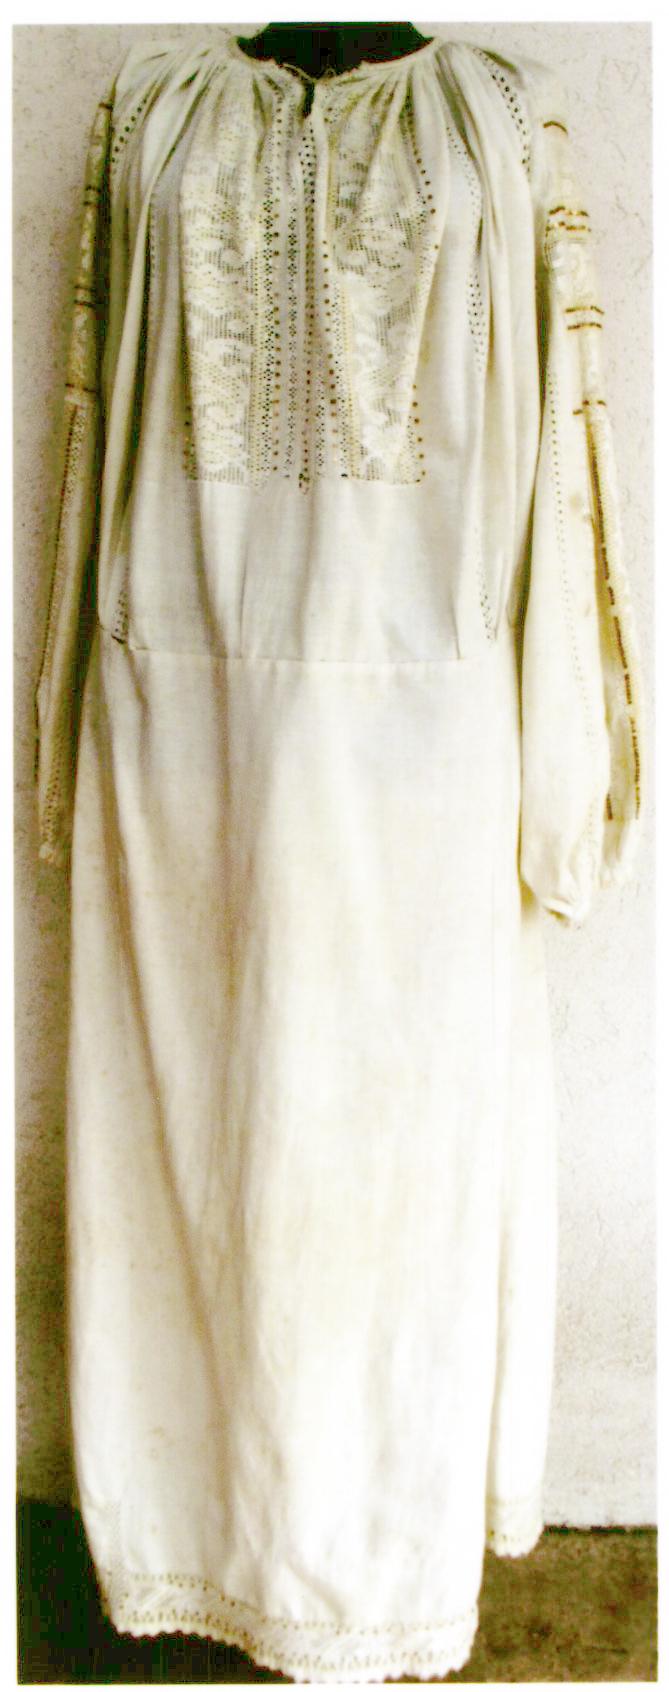 Cămaşă femeiască cu poale - anonim; Ie cu poale cu şabac cusută cu mătăsică albă - Muzeul Viticulturii şi Pomiculturii - GOLEŞTI (Patrimoniul Cultural National Mobil din Romania. Ordin de clasare: 2356/14.06.2017 - Tezaur)